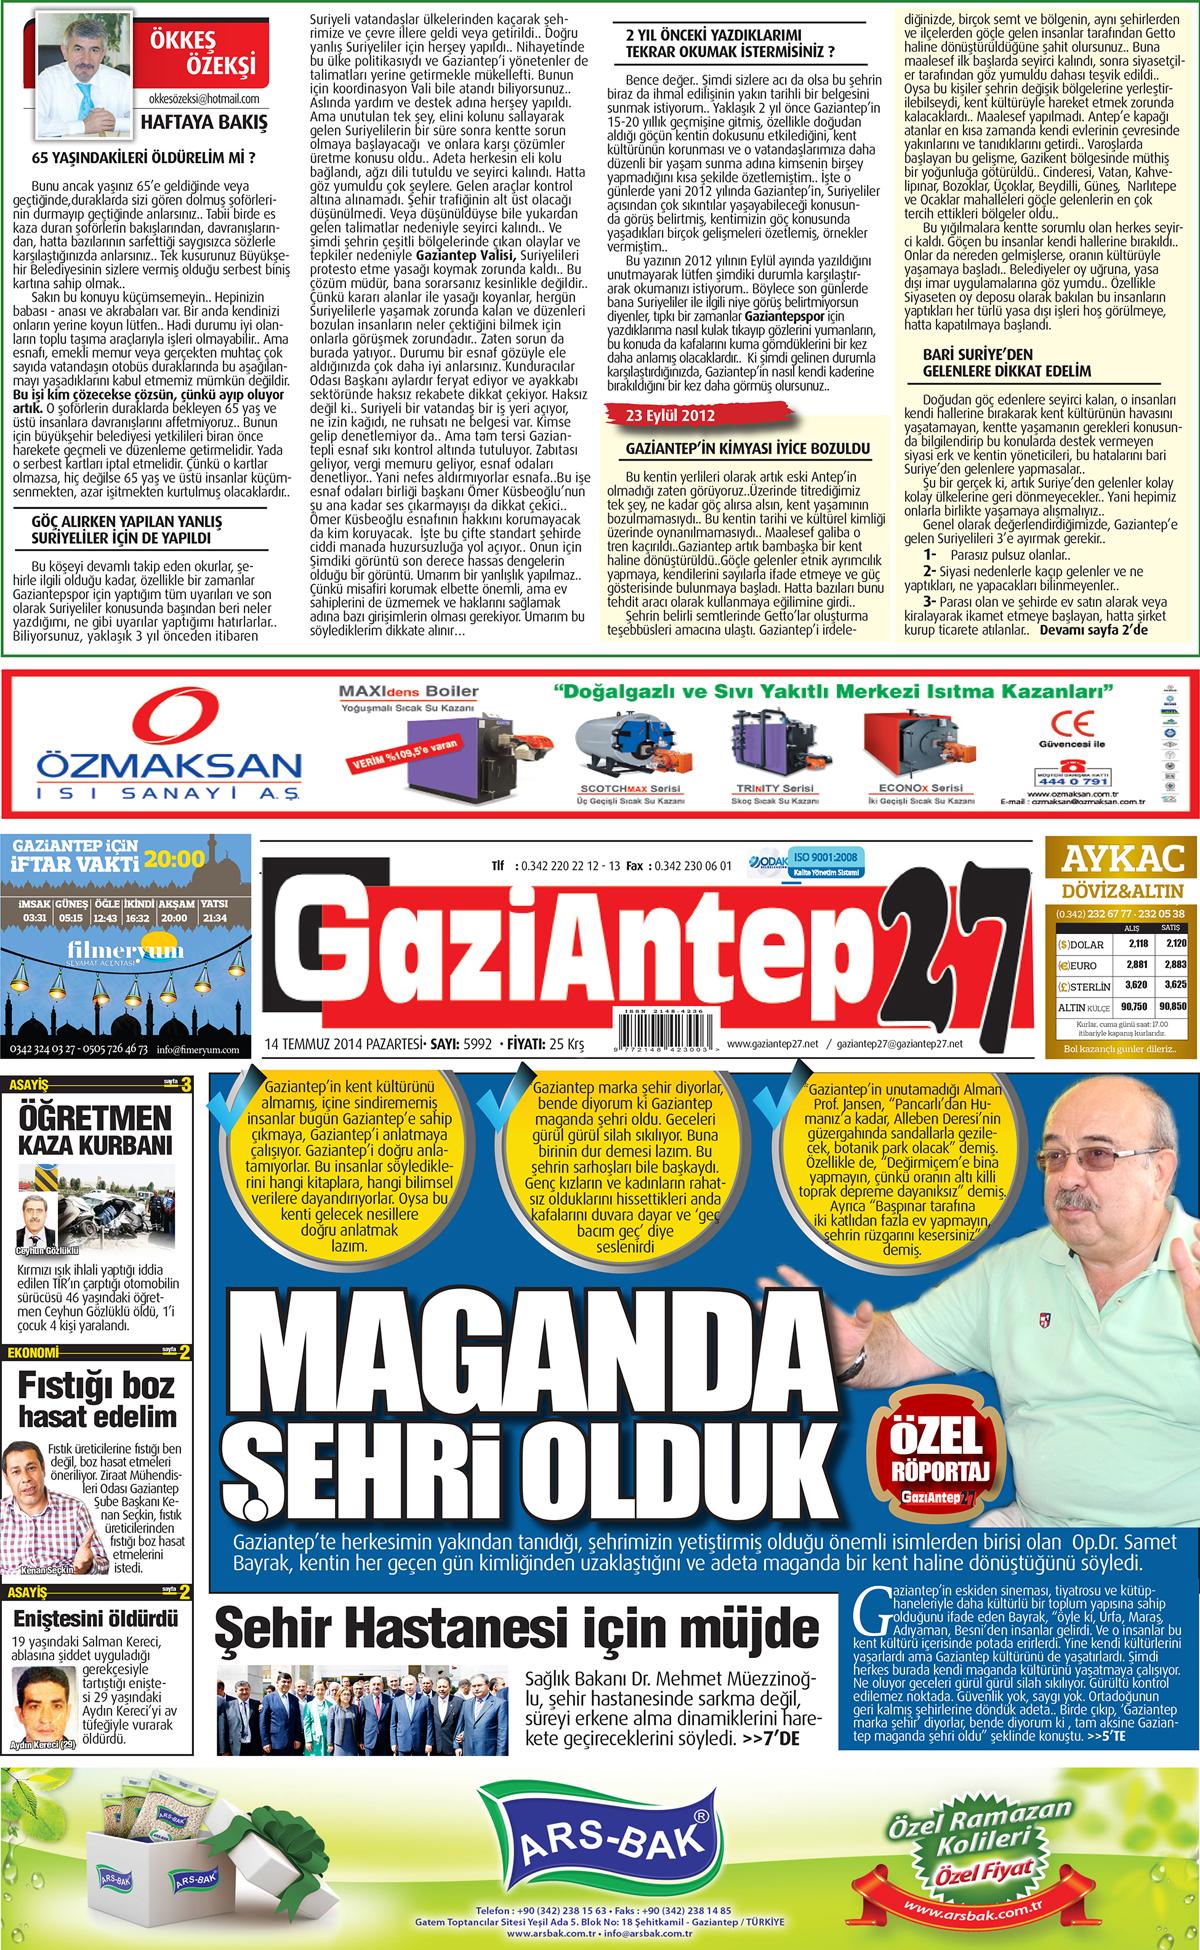 14 TEMMUZ 2014 PAZARTESİ SAYFALARI 2